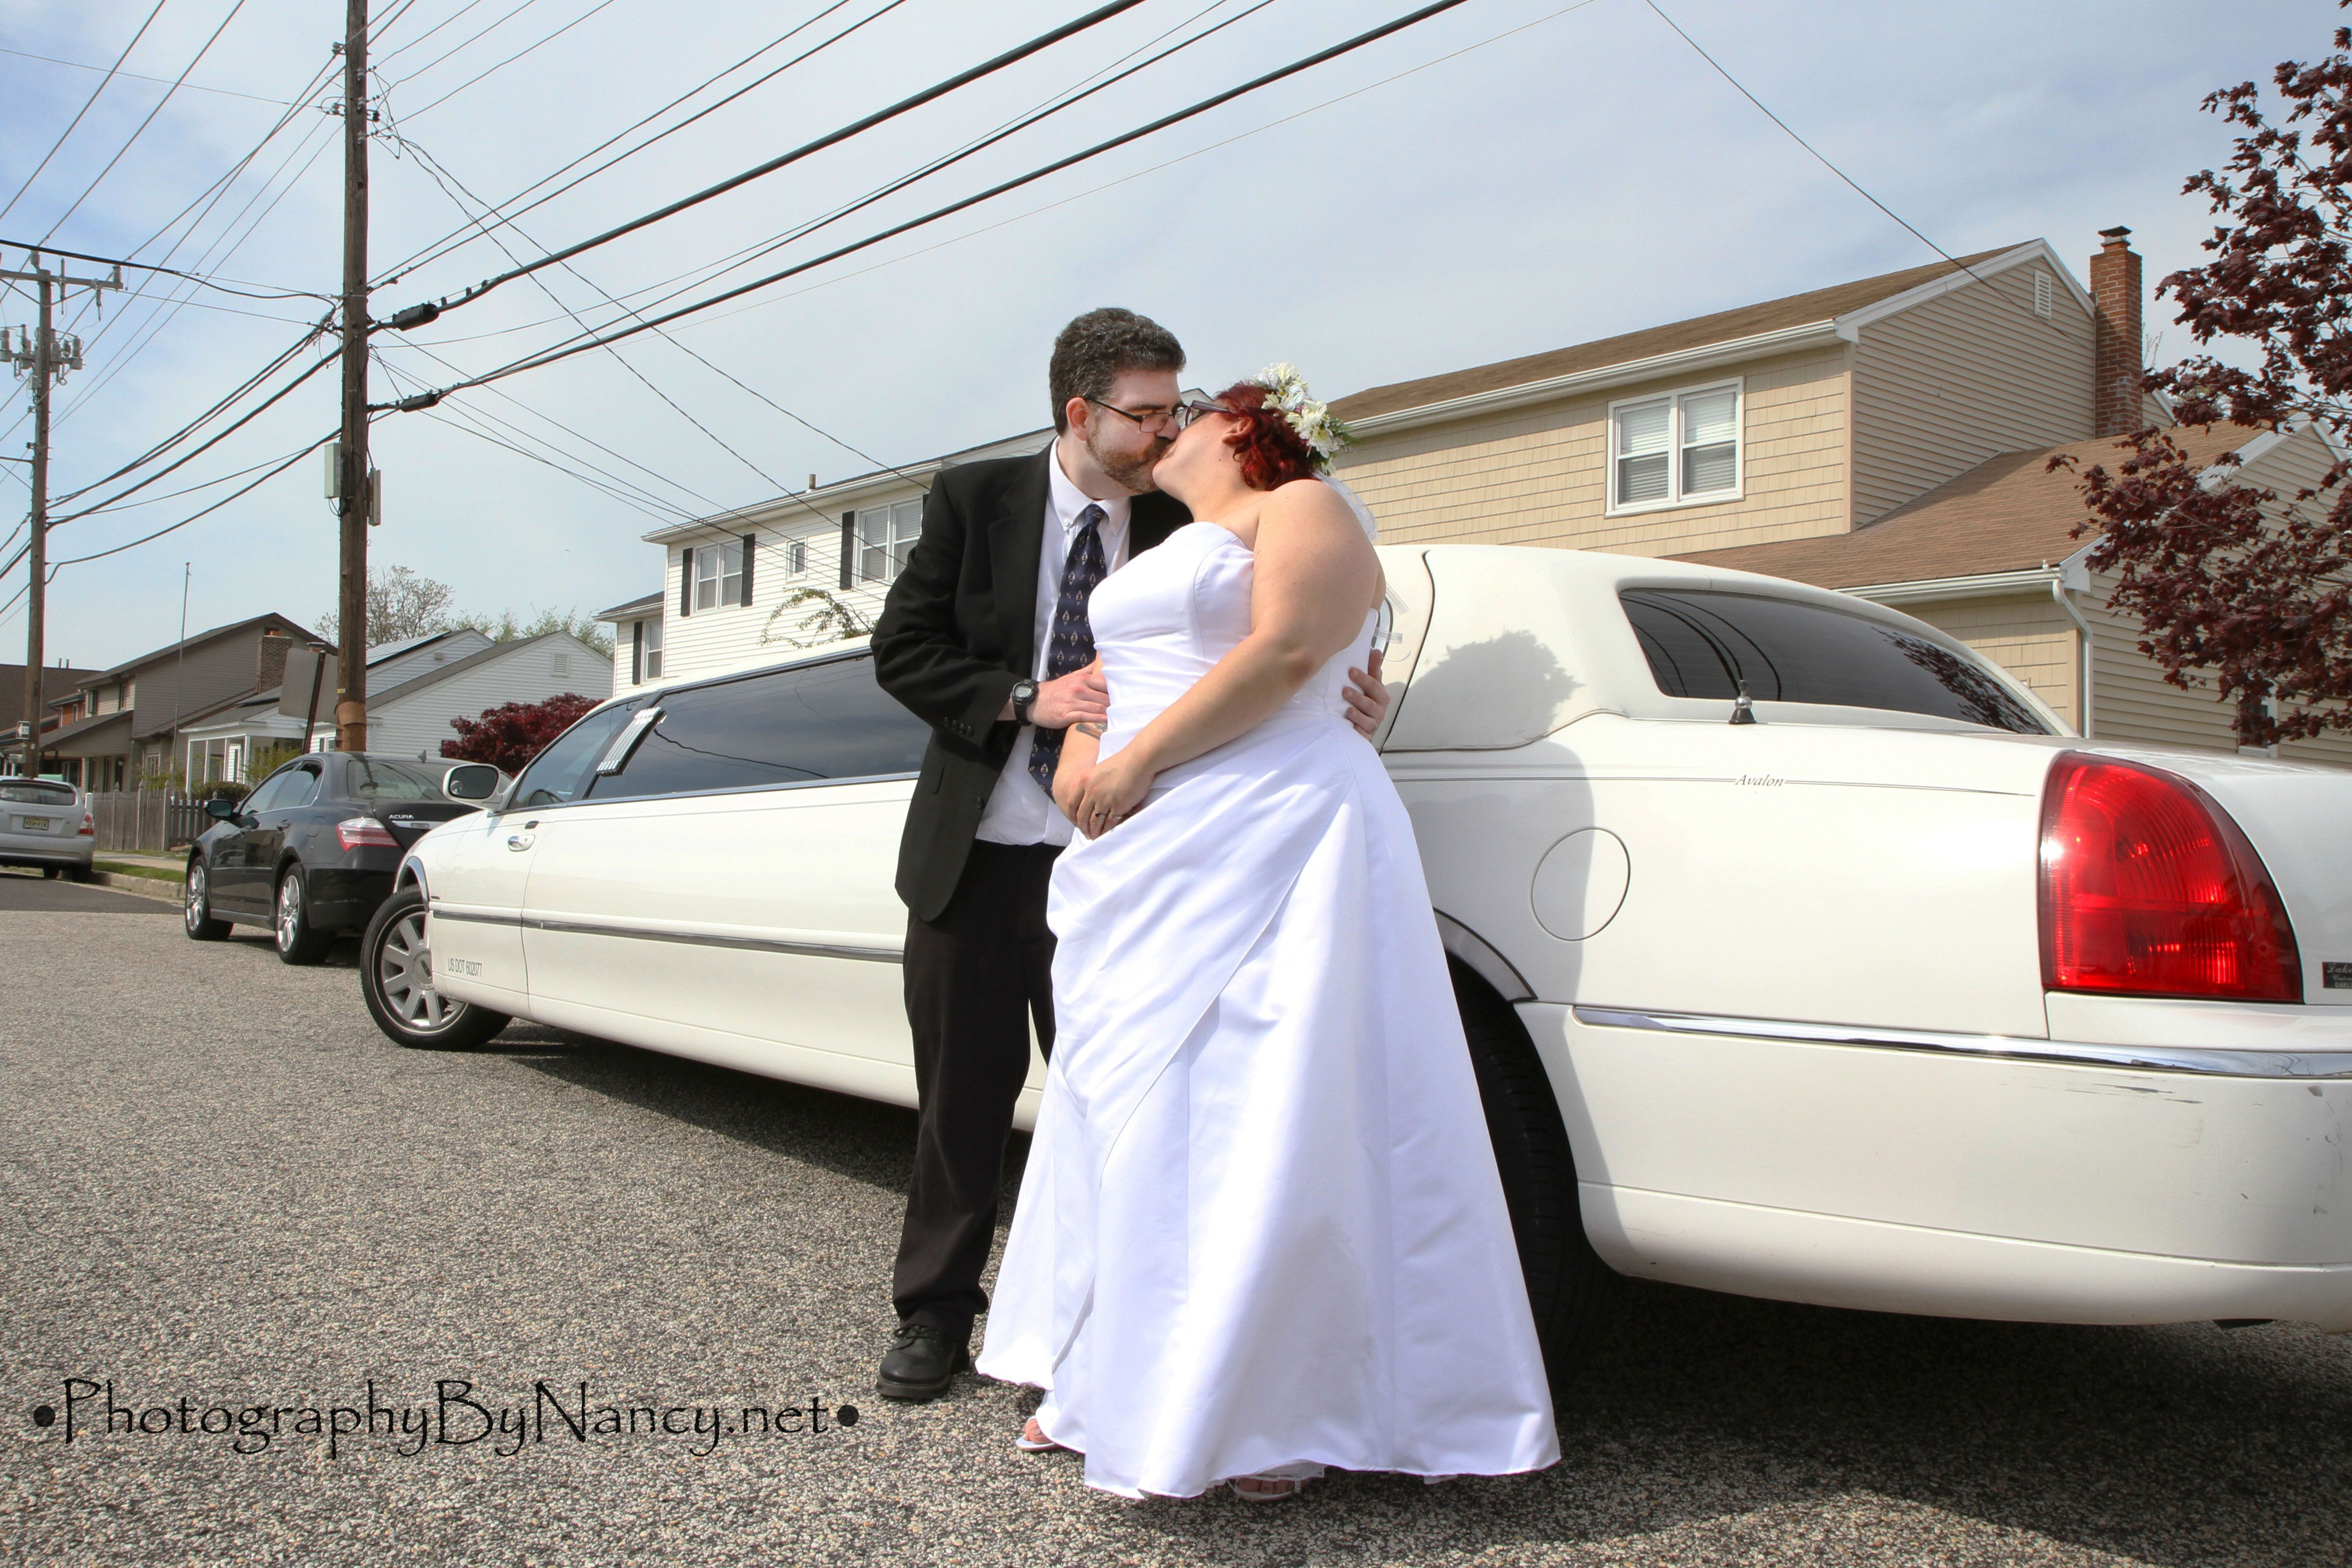 Wedding Limo. Bride and groom. Wedding limo, Wedding